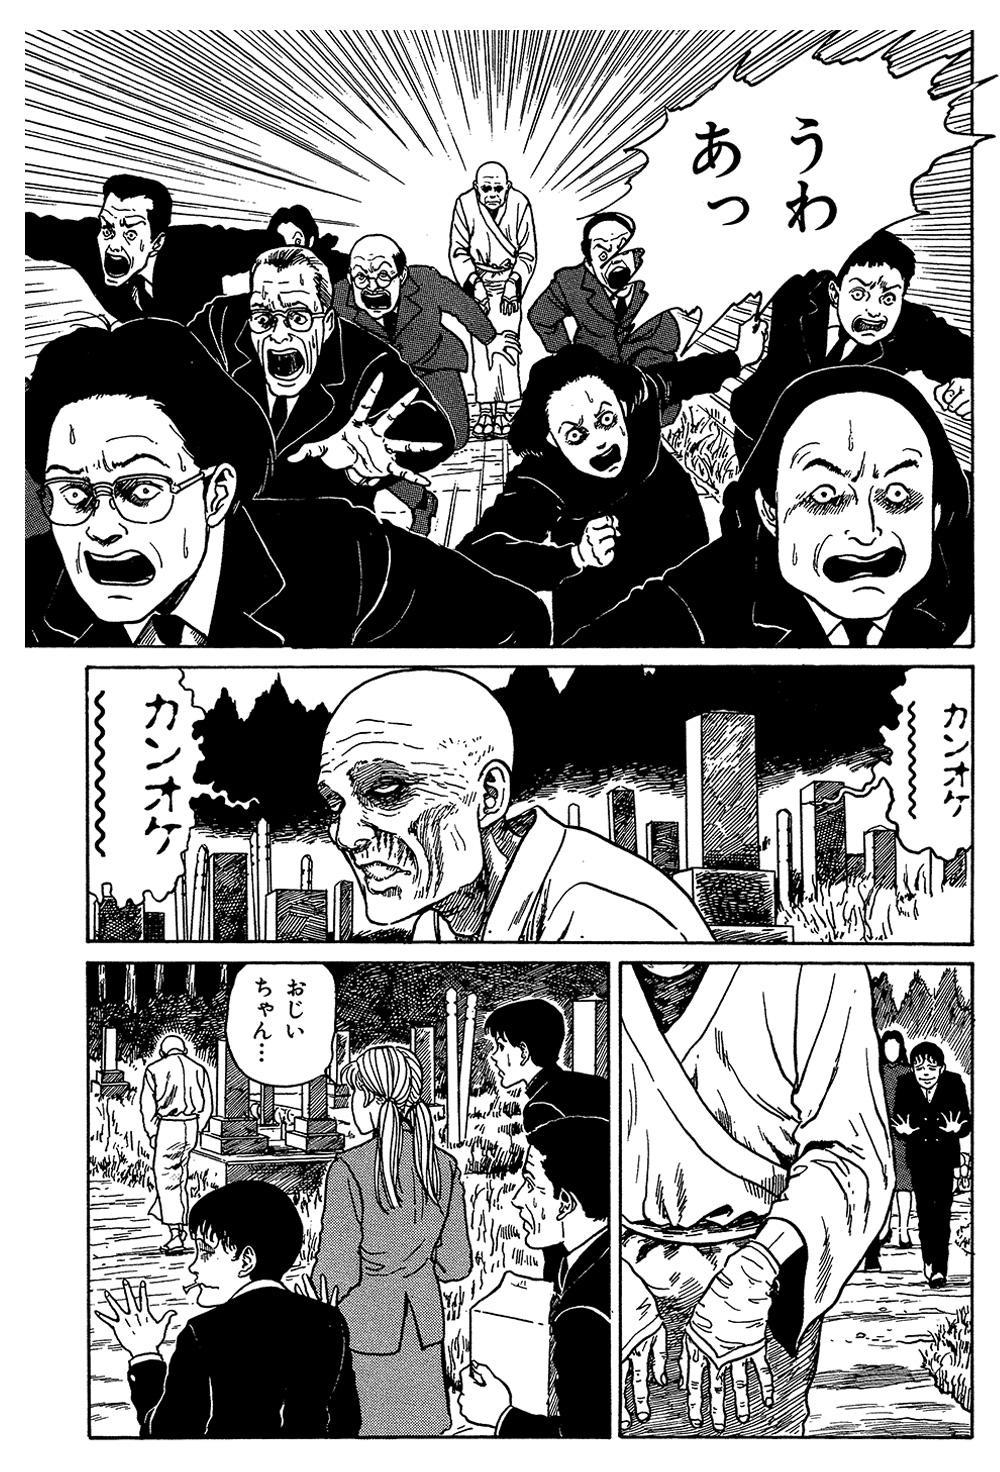 伊藤潤二傑作集「棺桶」①kanoke02-17.jpg